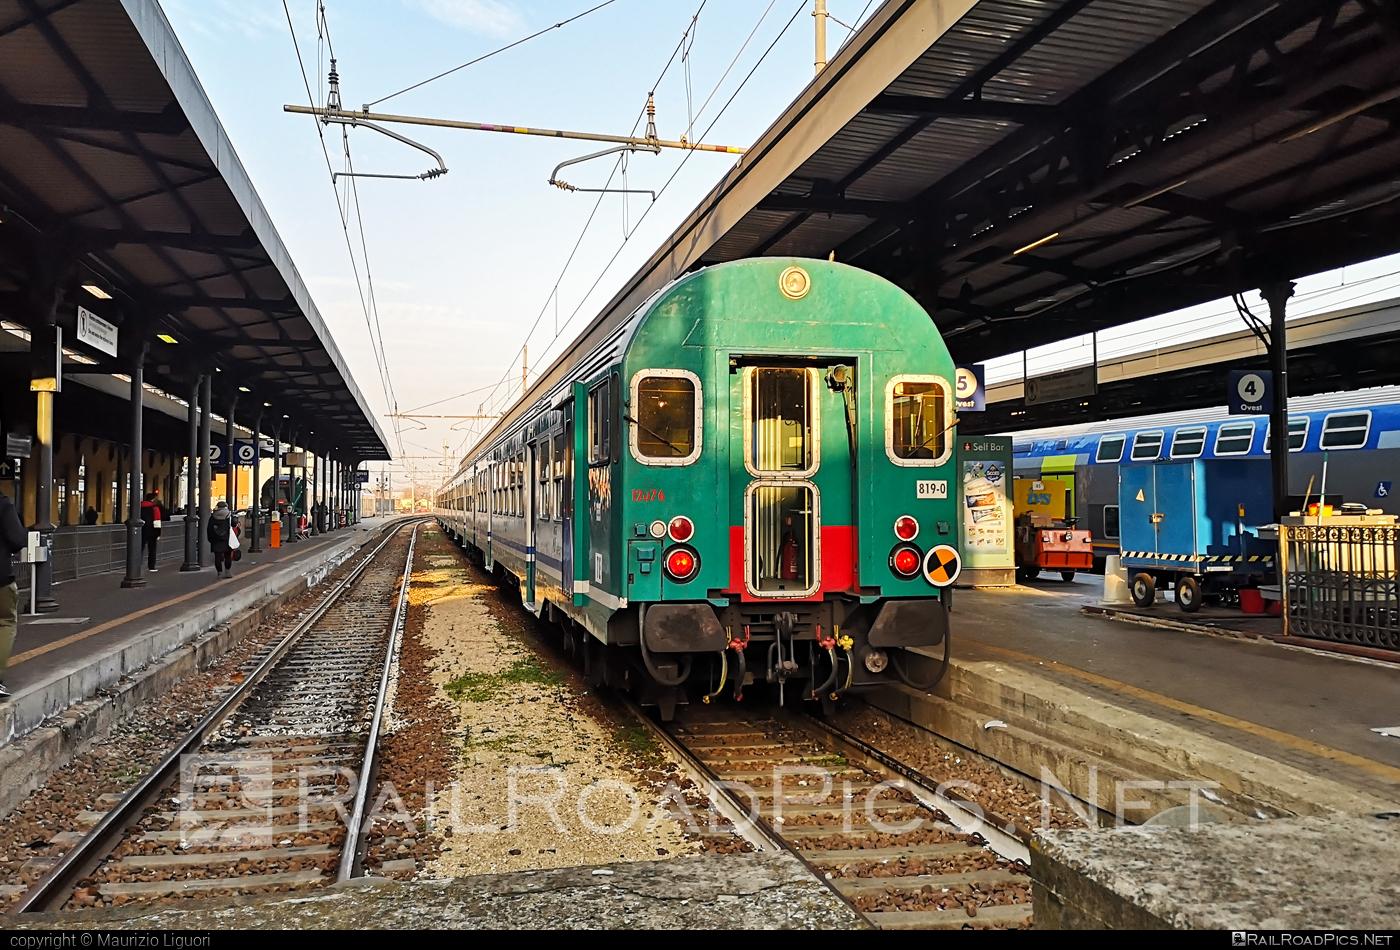 Class B - npBDH 82-86 semi-pilot - 82-86 819-0 operated by Trenitalia S.p.A. #ferroviedellostato #fs #fsitaliane #npbdh #trenitalia #trenitaliaspa #xmpr